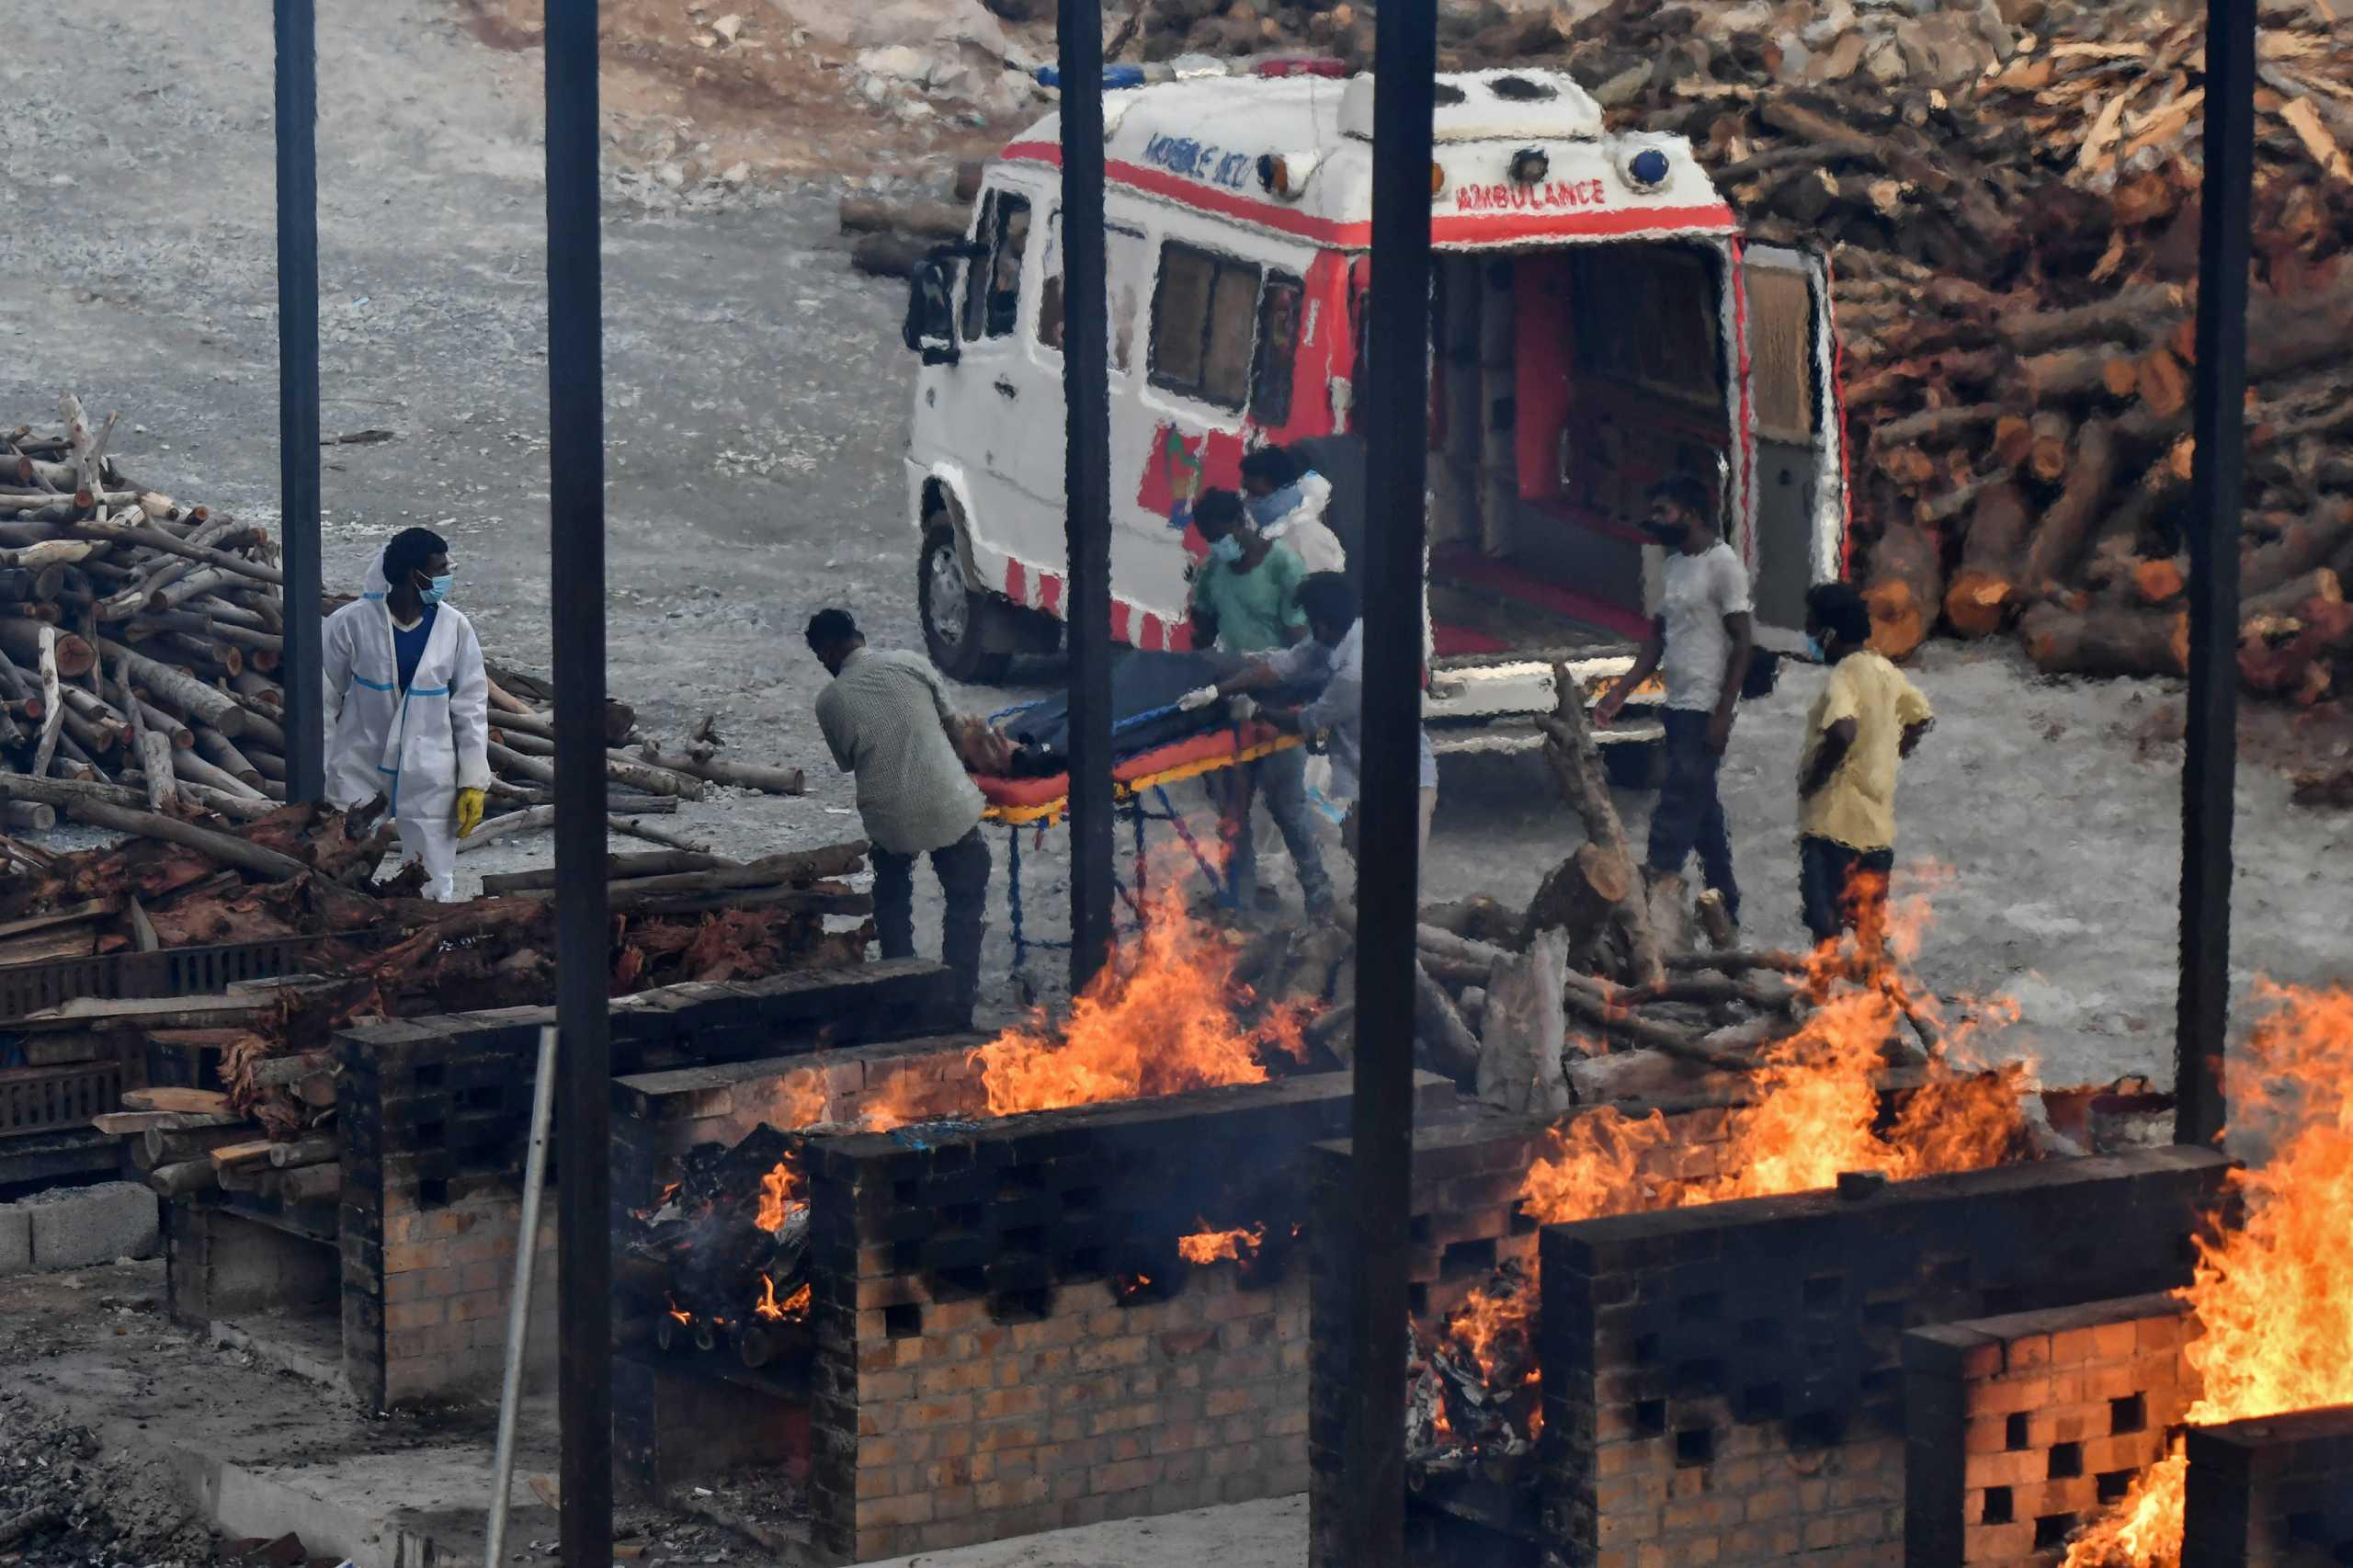 Ινδία: Νέοι σοκαριστικοί αριθμοί – 3.890 θάνατοι από κορονοϊό και 326.098 κρούσματα το τελευταίο 24ωρο